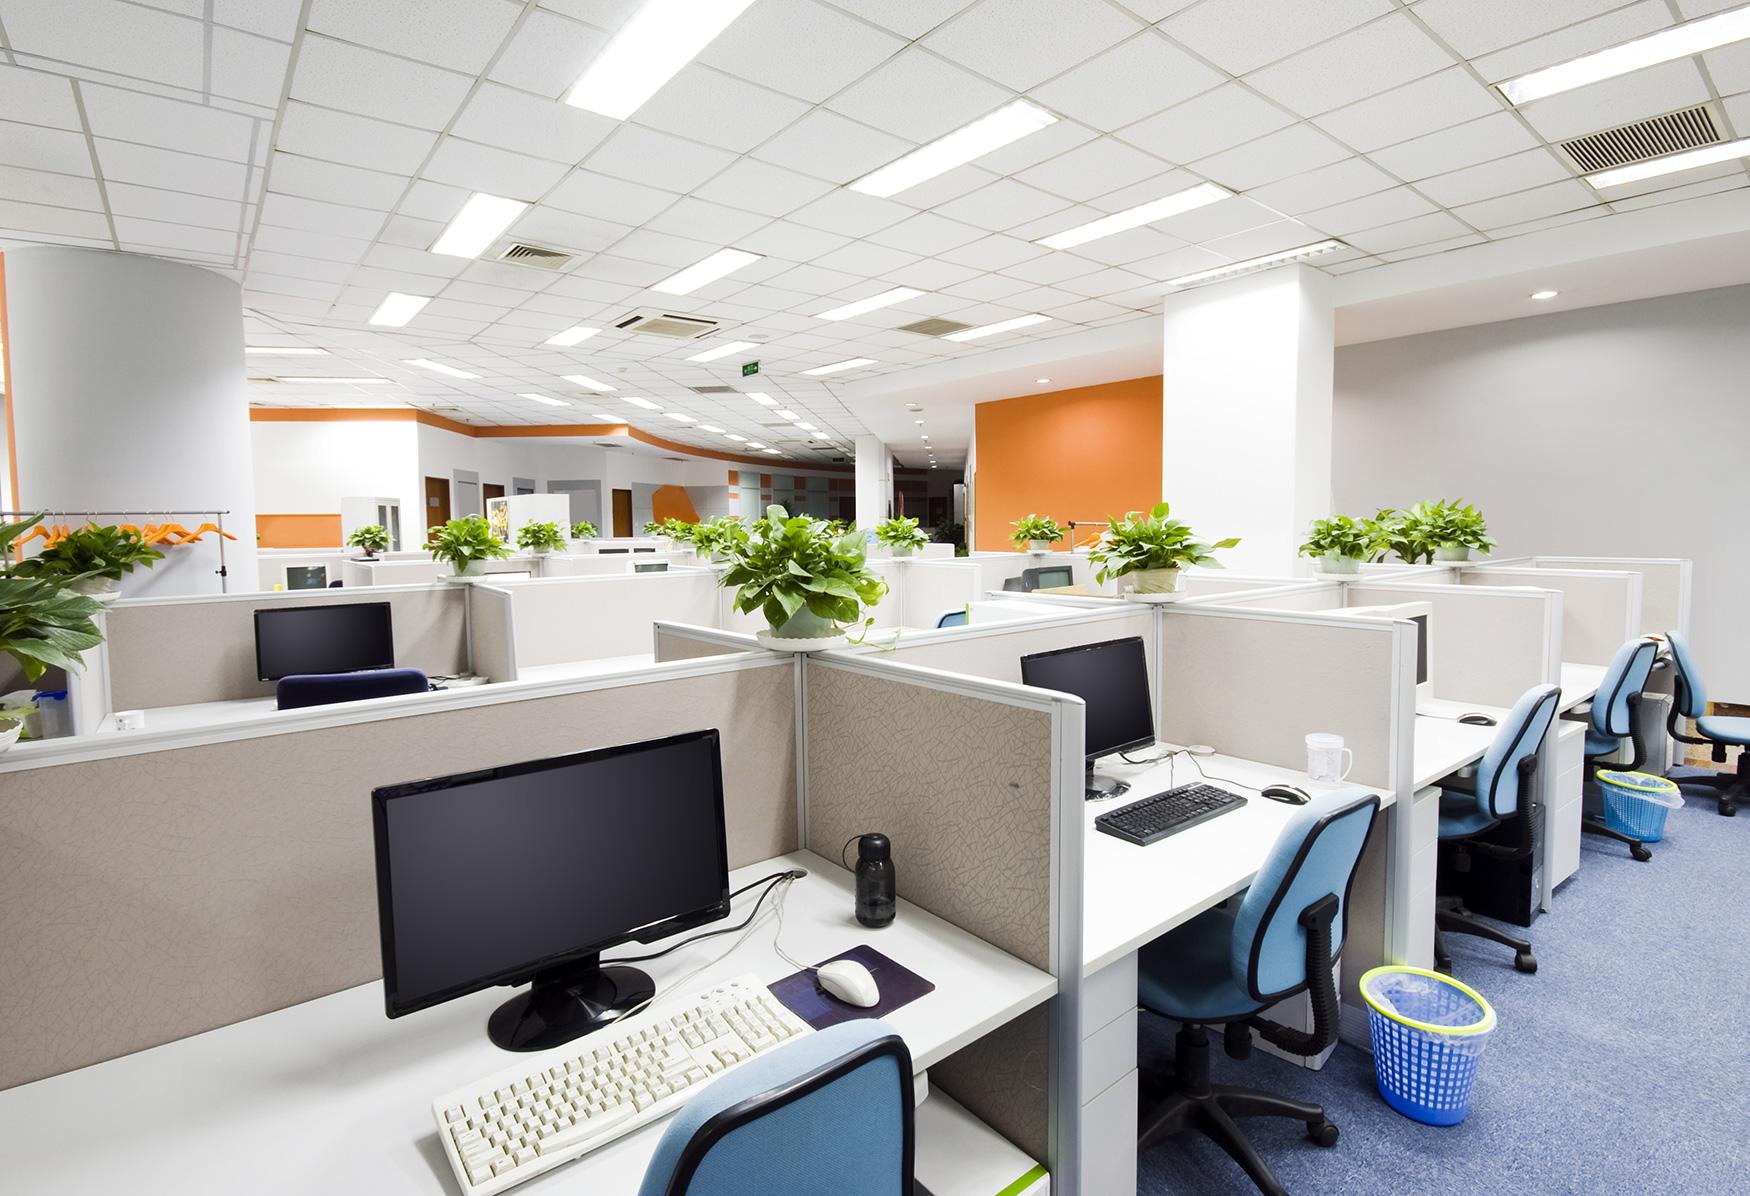 شاخص های محیط کار - درست مصرف کنیم - آموزش همگانی